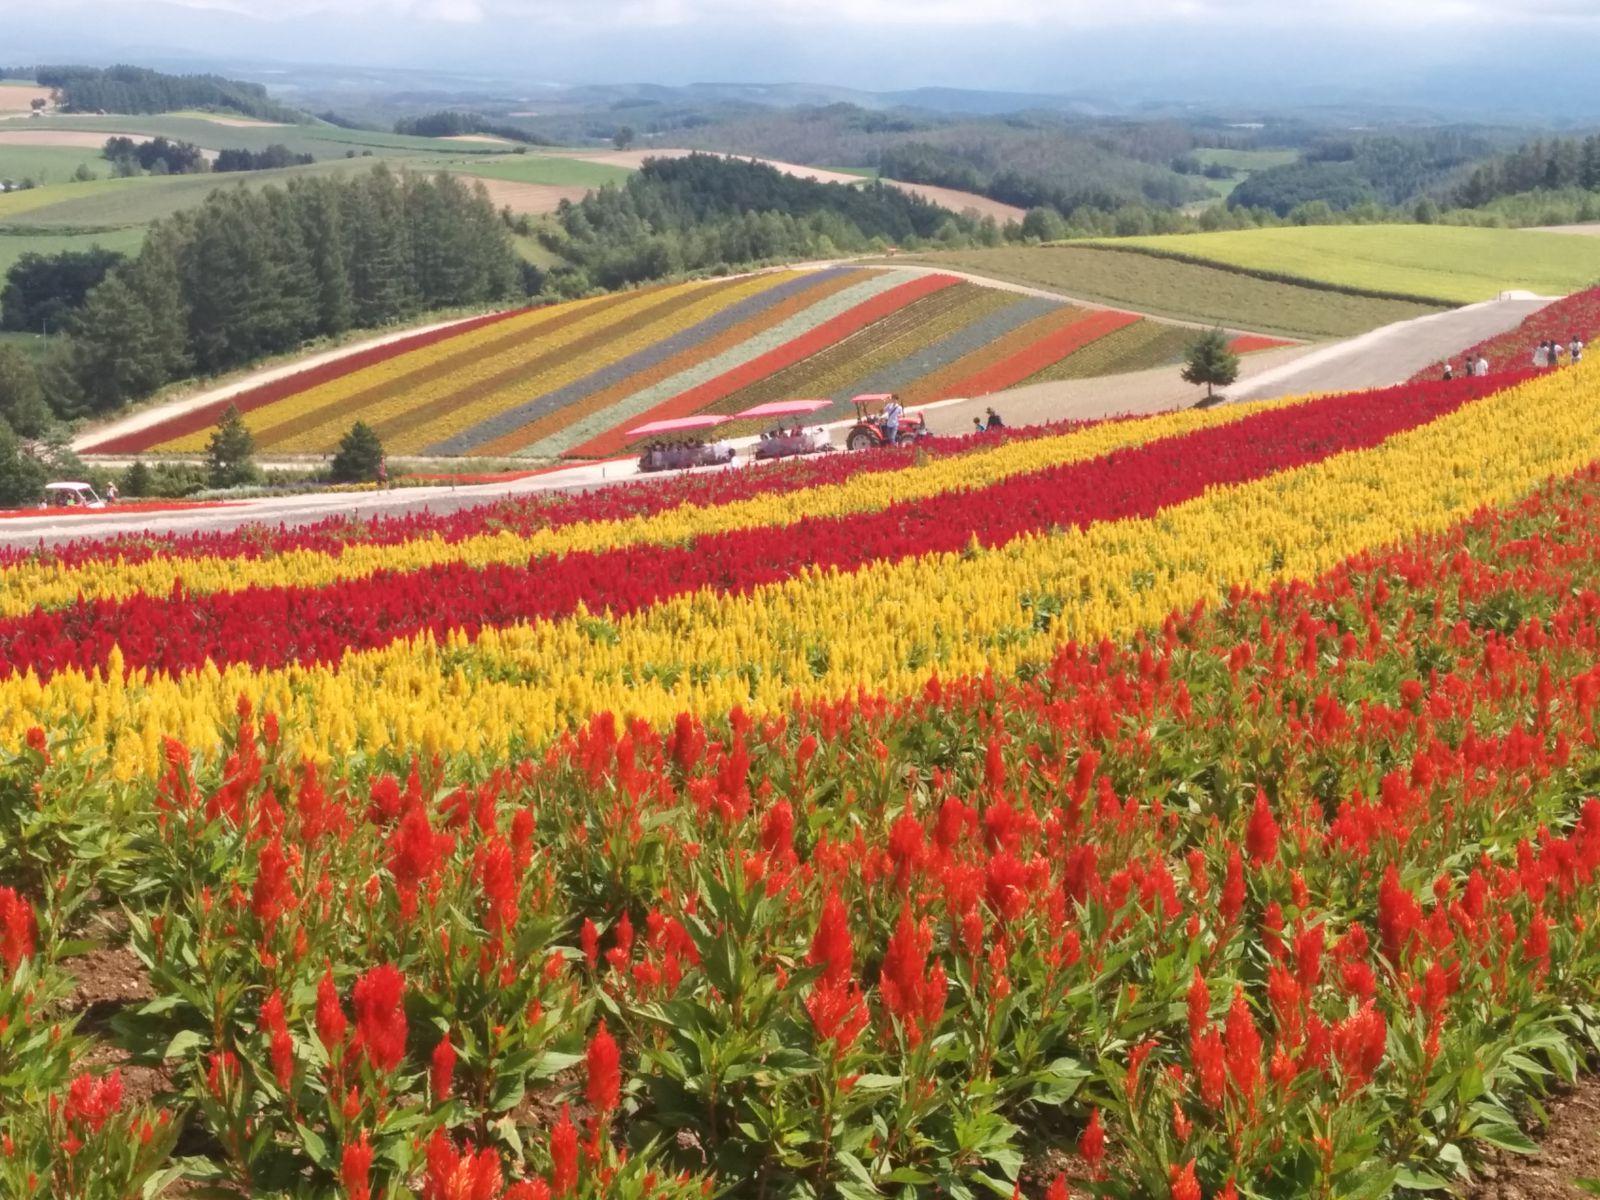 【美瑛町】ラベンダーの四季彩の丘観光写真です。